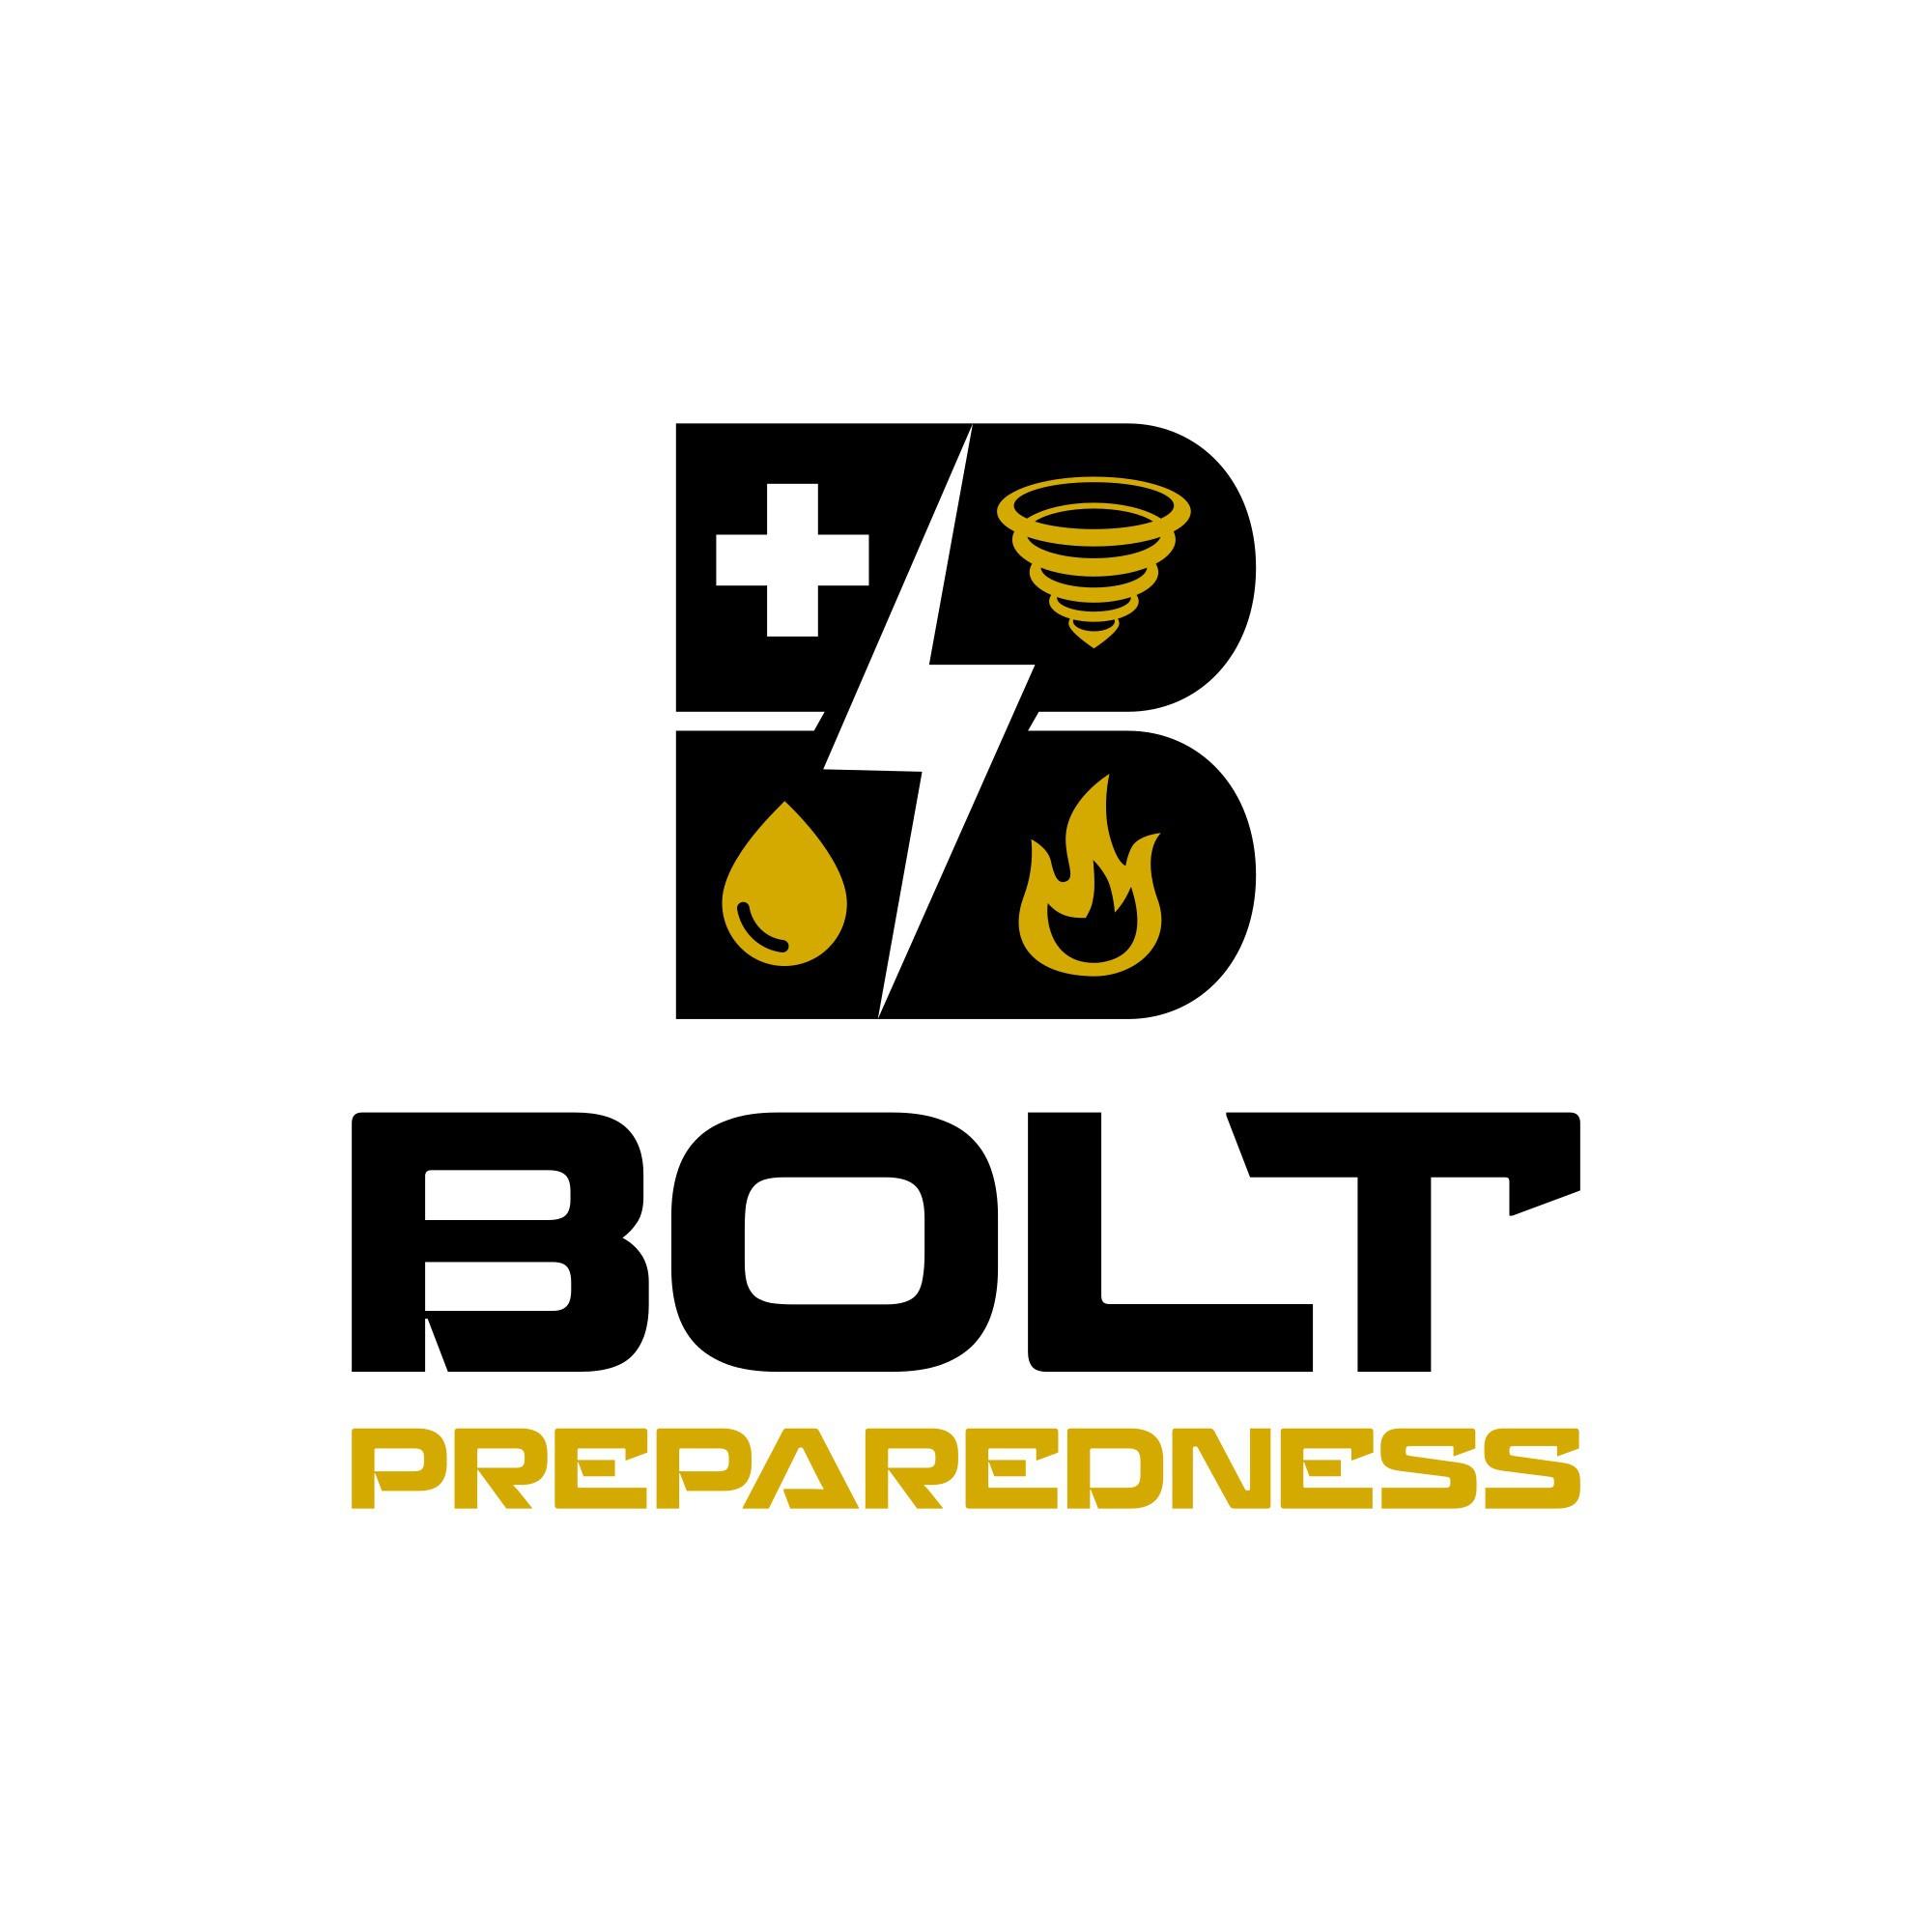 Modern, bold logo for preparedness